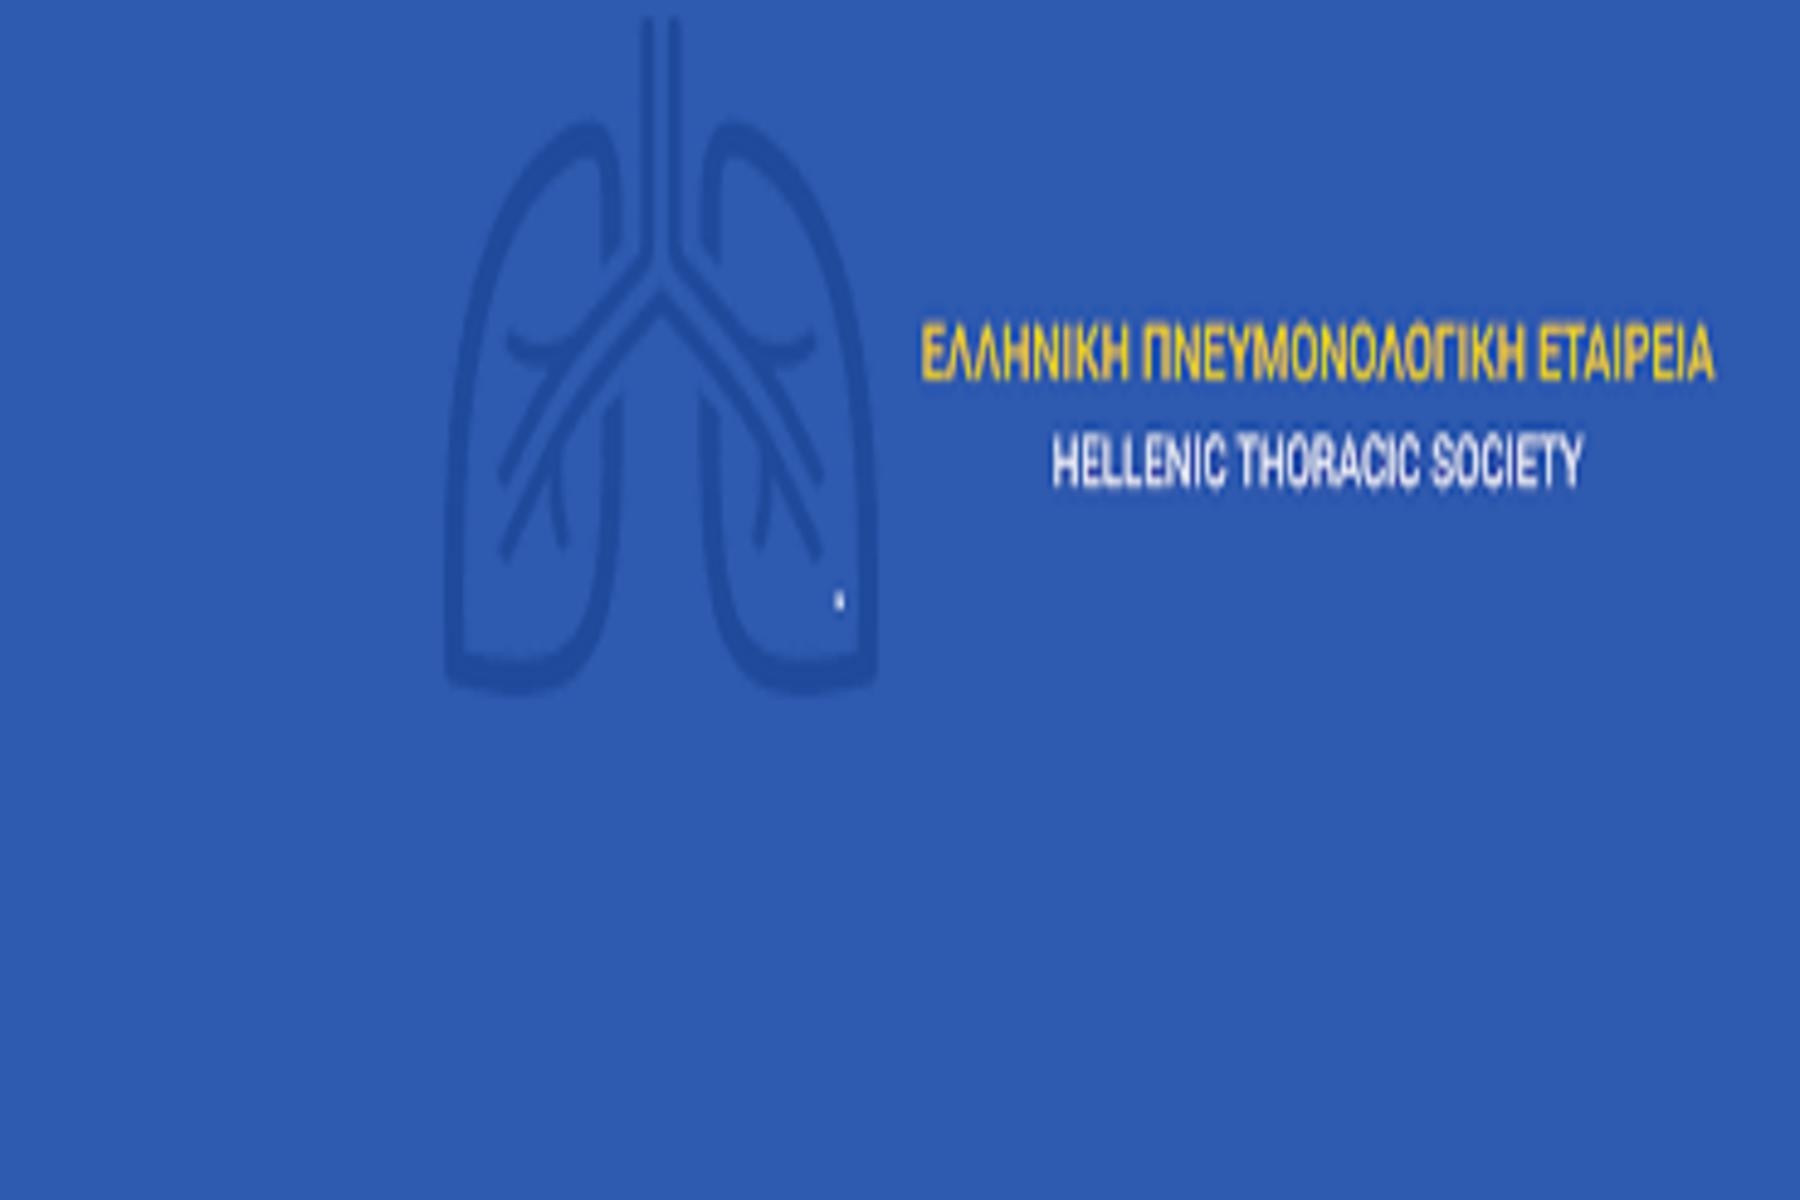 Ελληνική Πνευμονολογική Εταιρία: Τρόπος φροντίδας ύποπτου ή επιβεβαιωμένου κρούσματος στο σπίτι